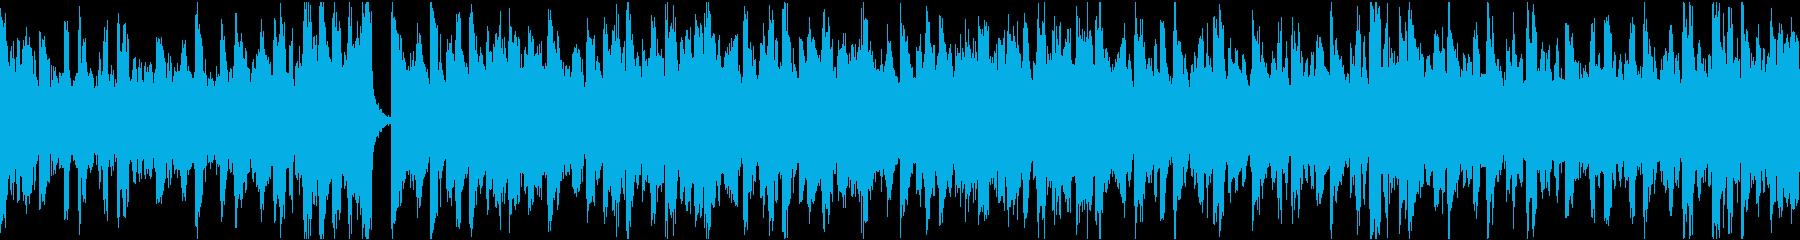 13秒でサビ、電子音ダーク/静かめループの再生済みの波形